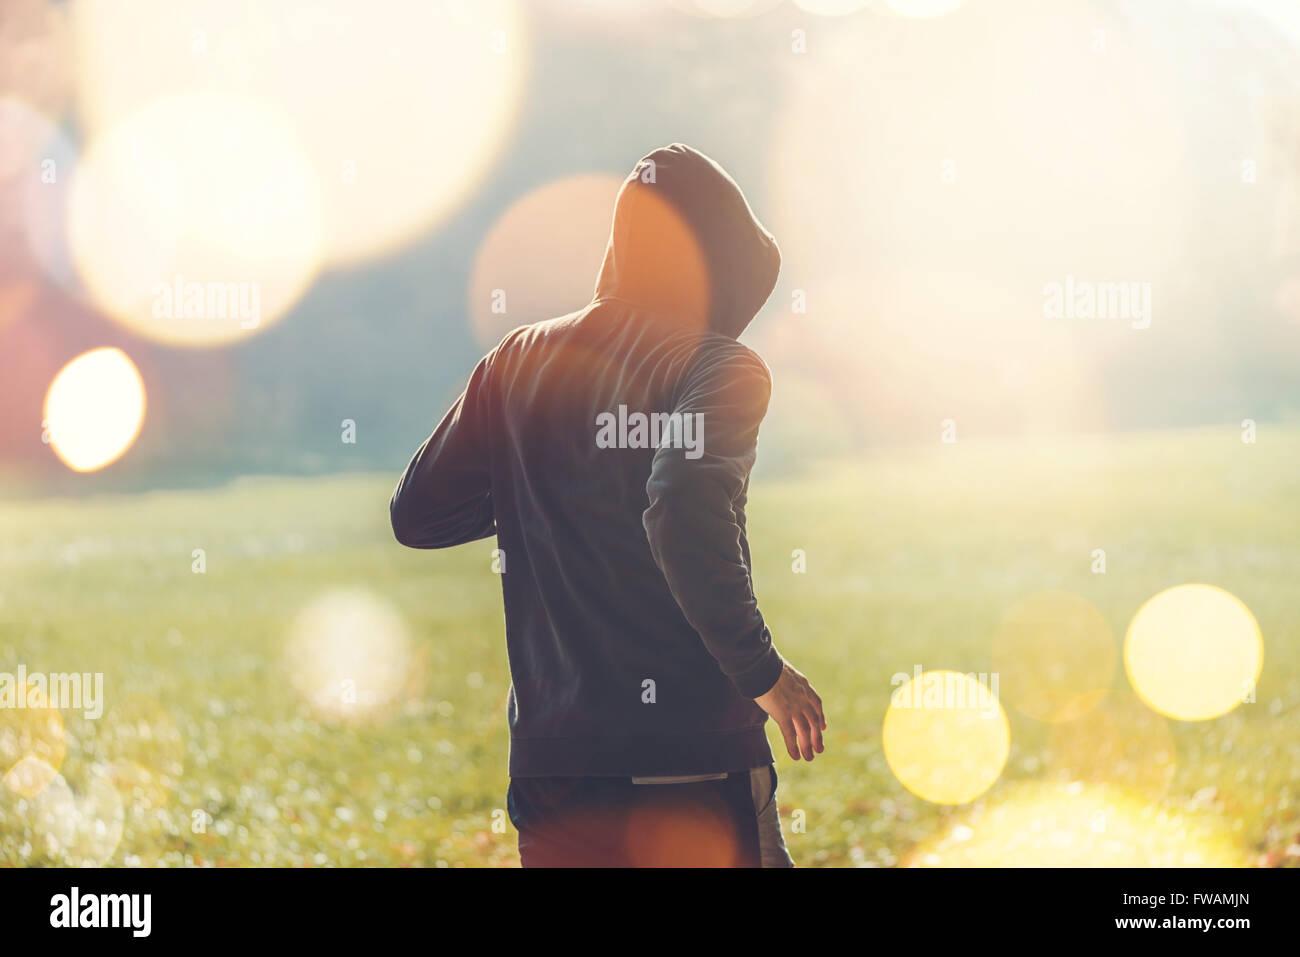 Méconnaissable hooded man jogging à l'extérieur, style de vie sain dans le parc au début de l'automne matin, tons rétro droit Banque D'Images